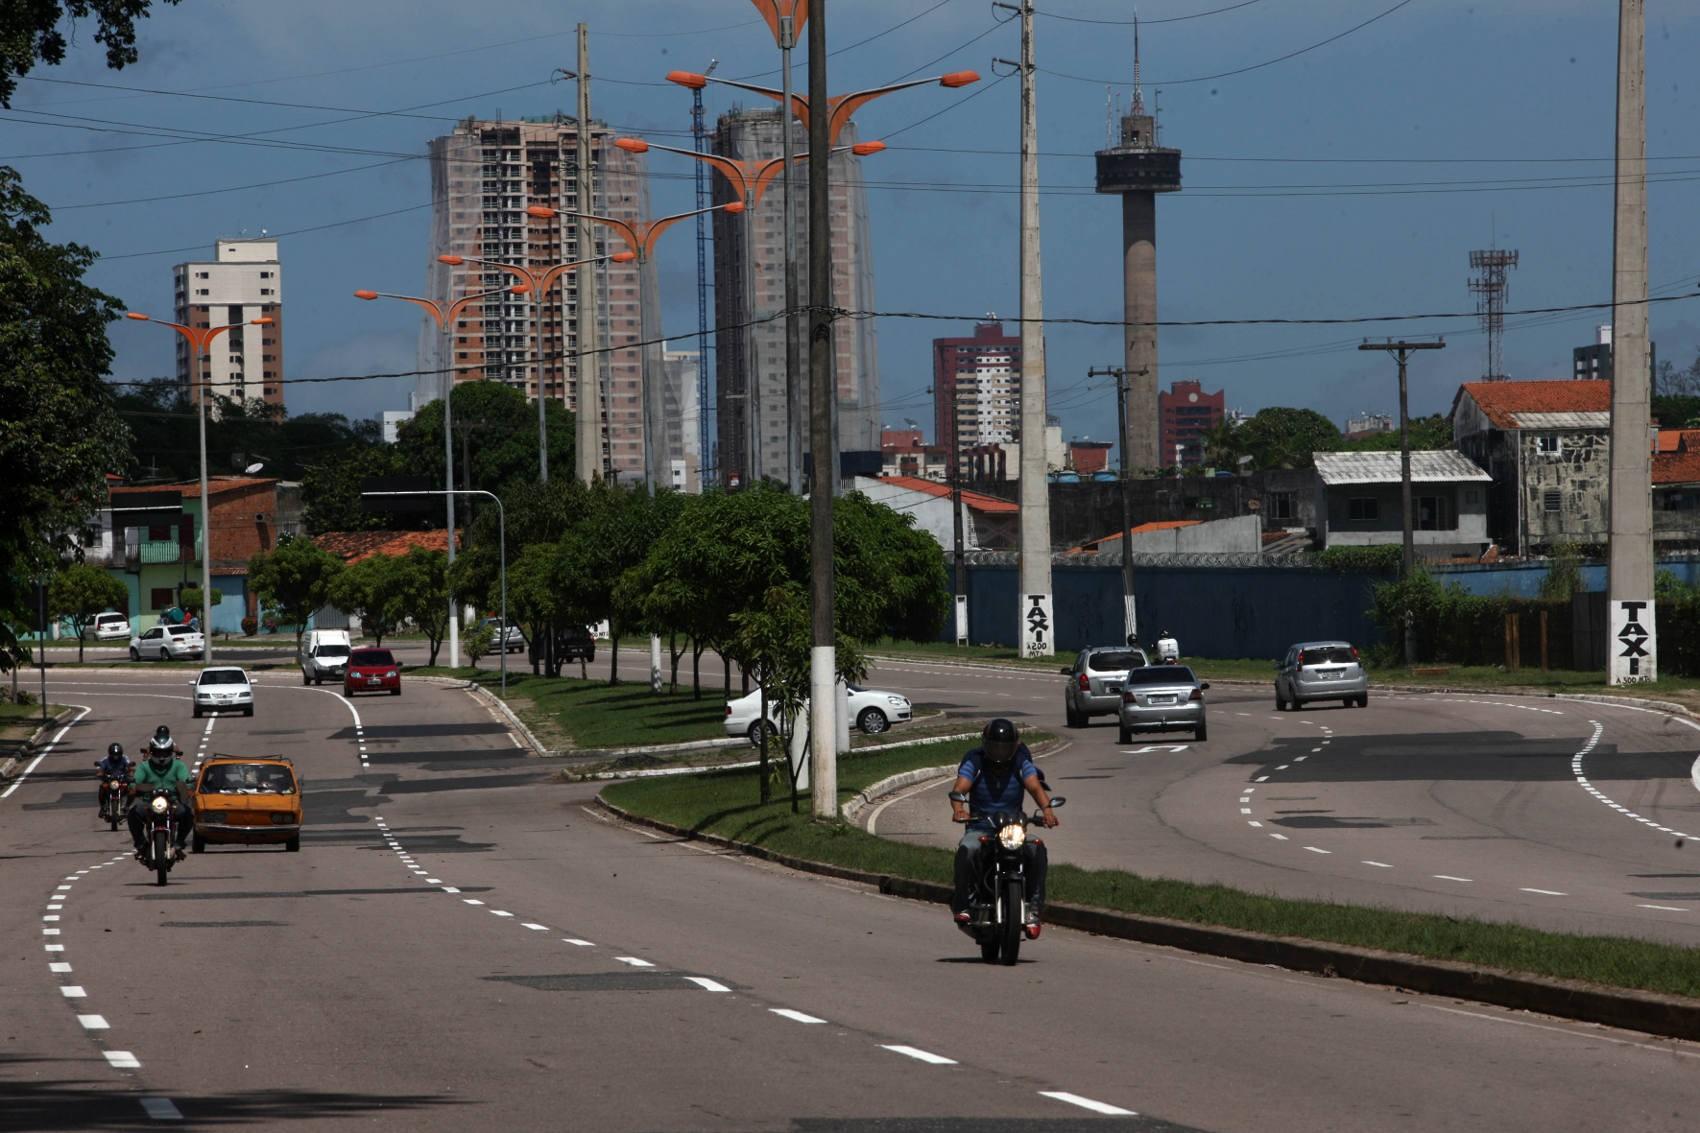 Semob interdita trecho da João Paulo II neste domingo para evento esportivo em Belém - Notícias - Plantão Diário